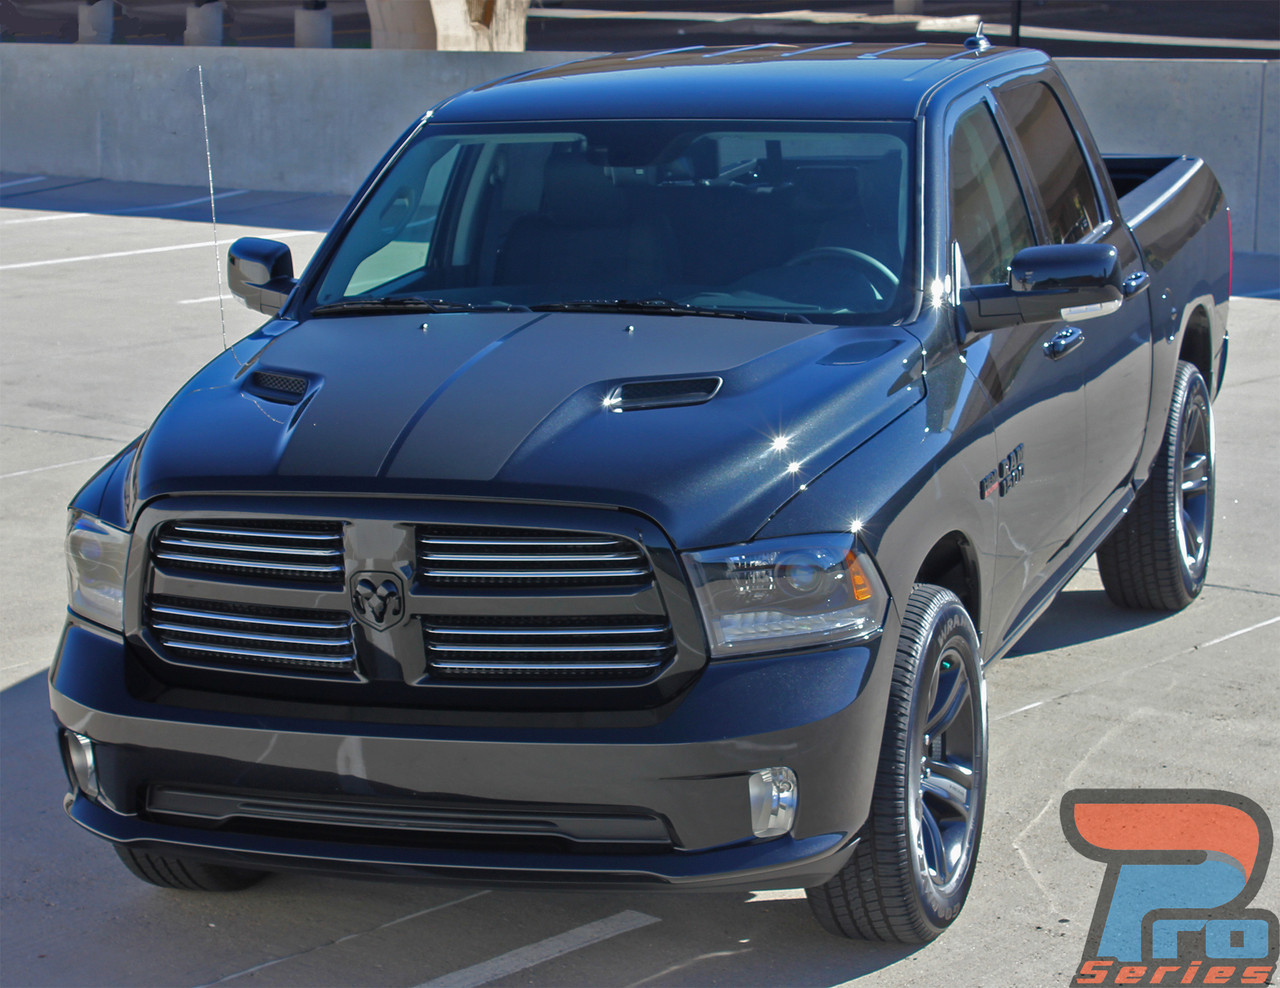 Dodge Ram Decals Rebel Hemi Hood 2009 2015 2016 2017 2018